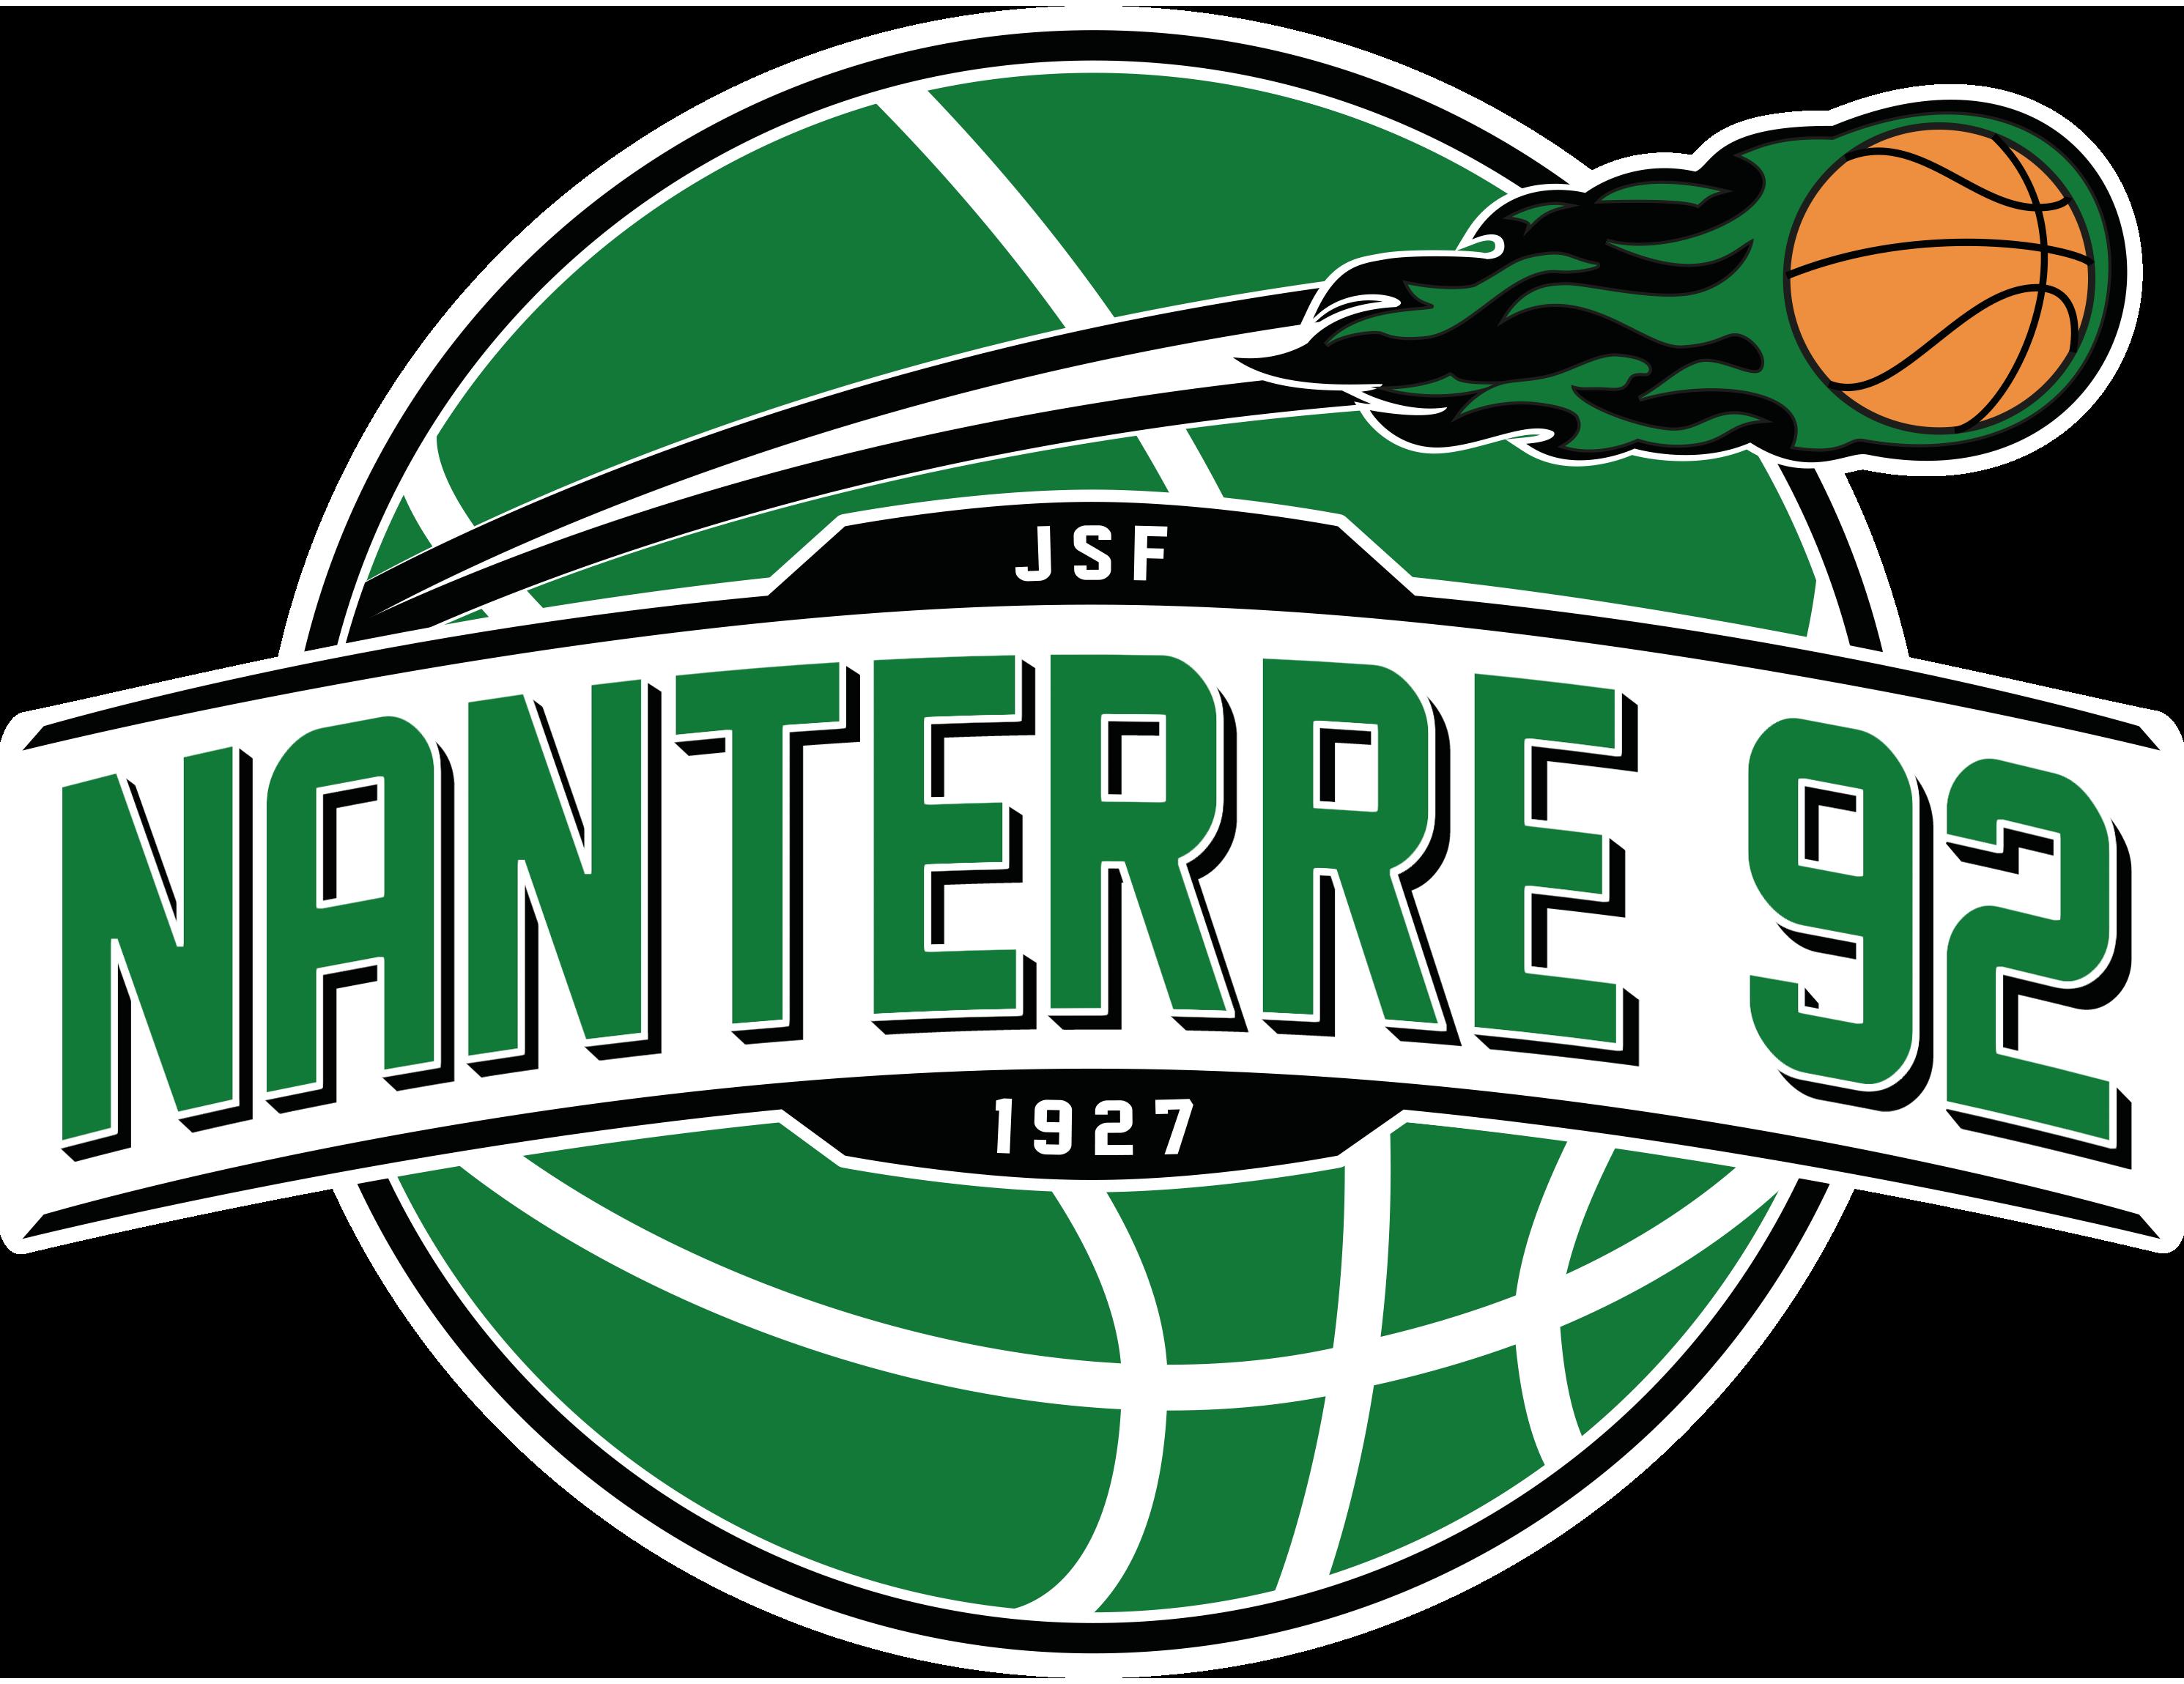 Nanterre U21